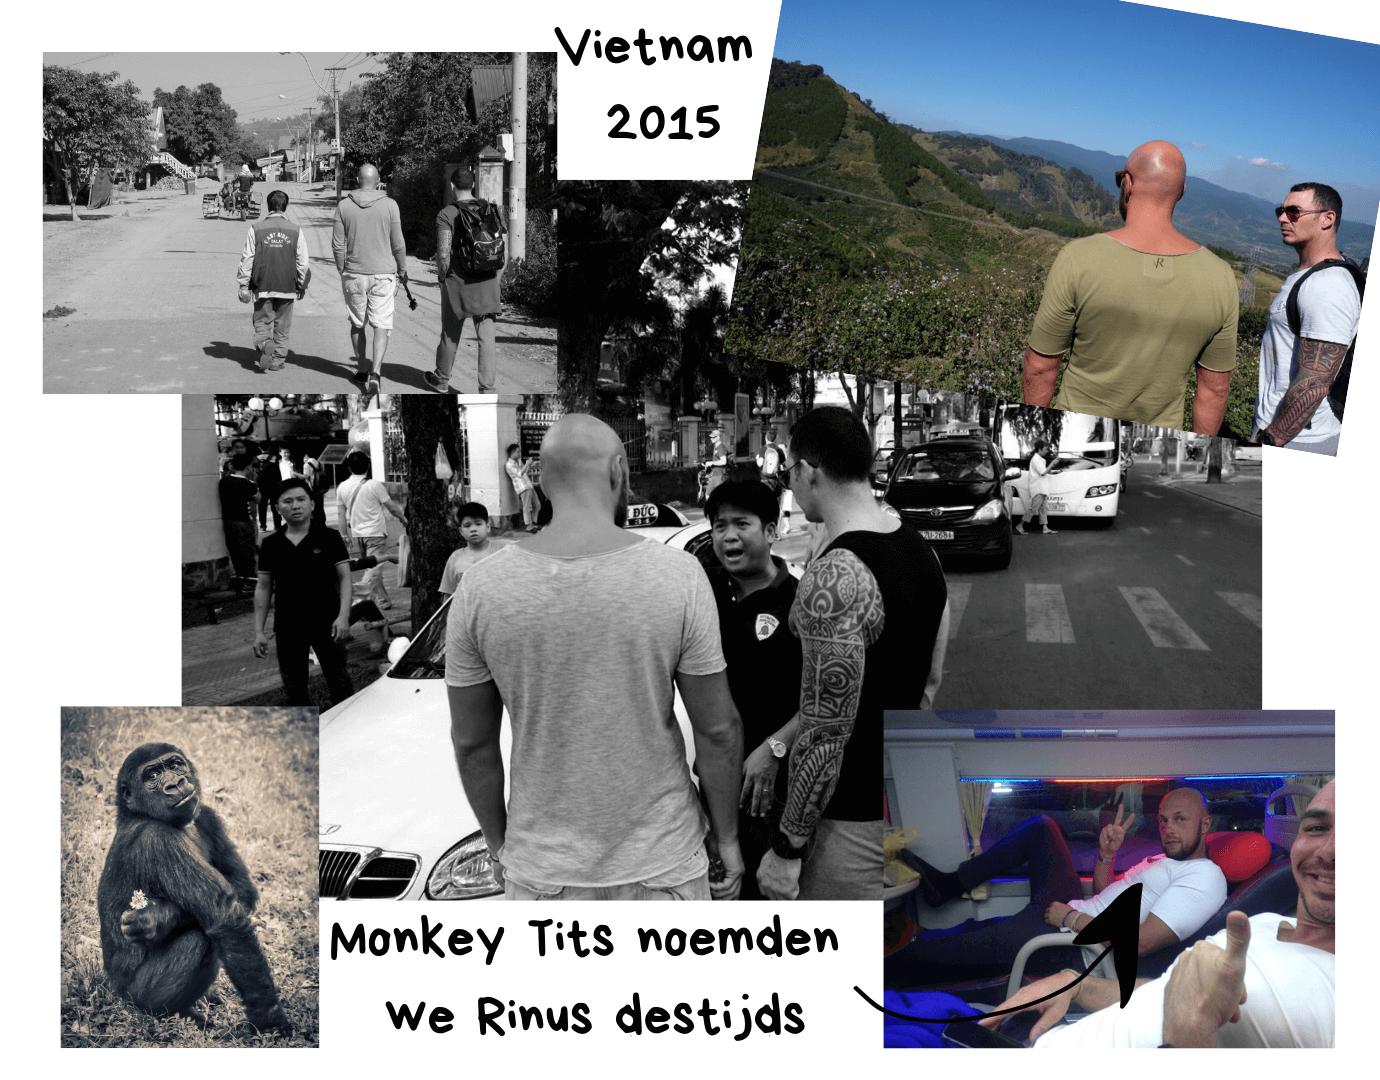 vietnam-2015